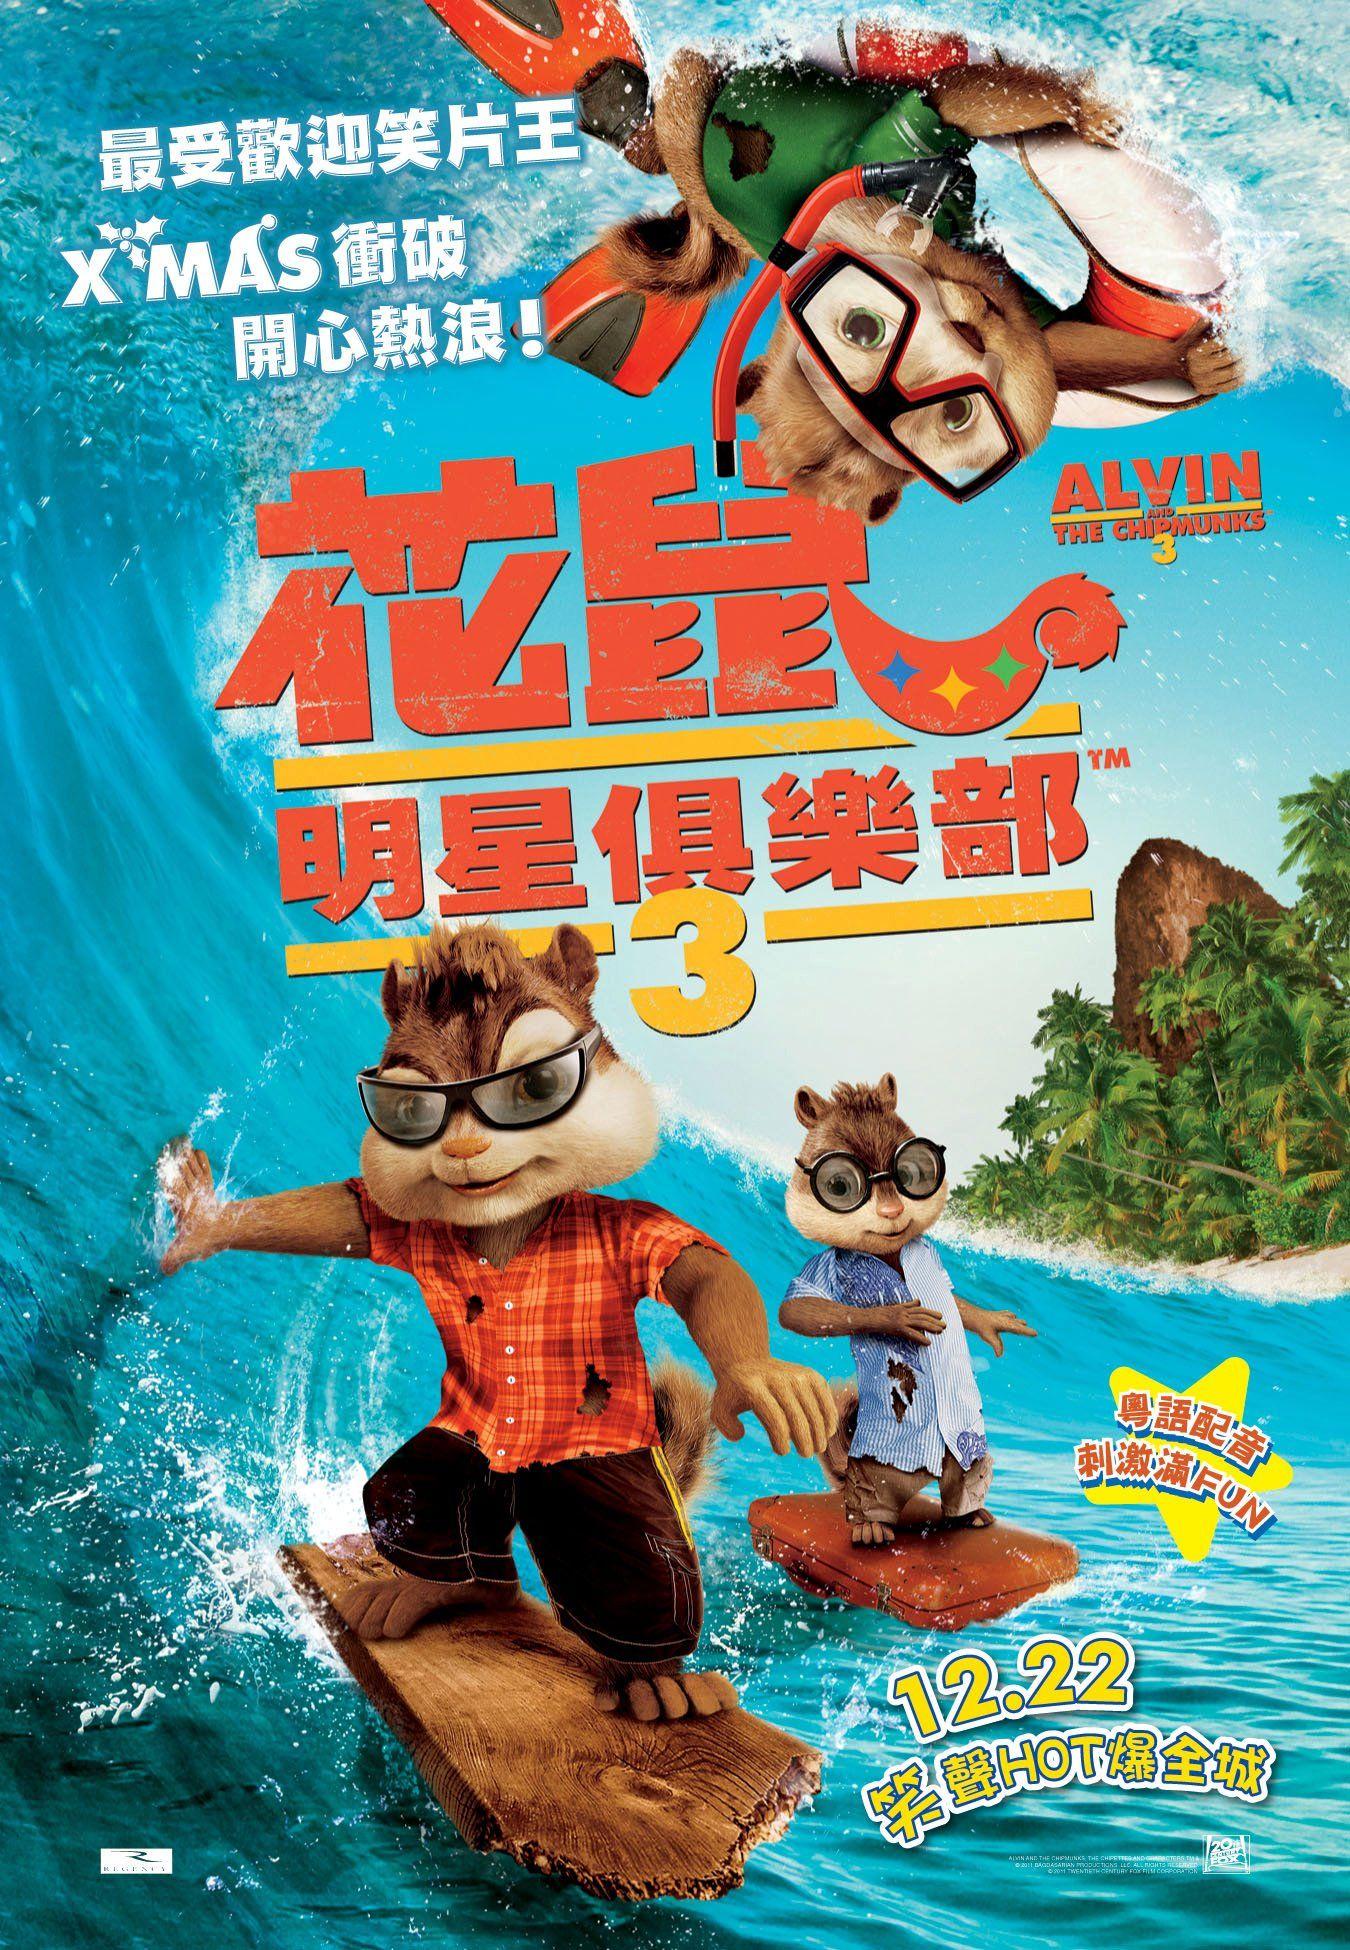 плакат фильма постер Элвин и бурундуки 3